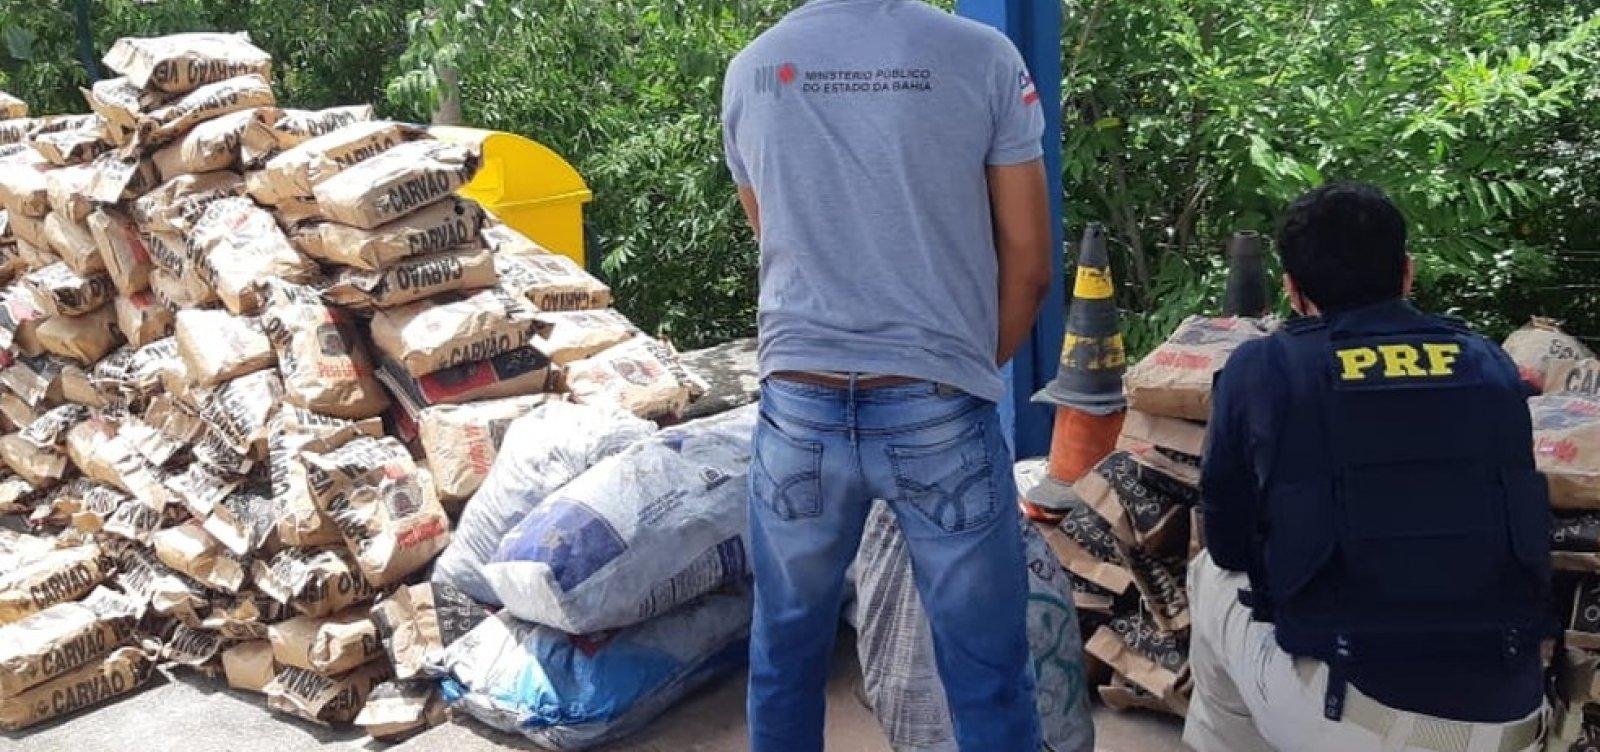 Pássaros silvestres e carvão vegetal irregular foram apreendidos em operação na região da Chapada Diamantina